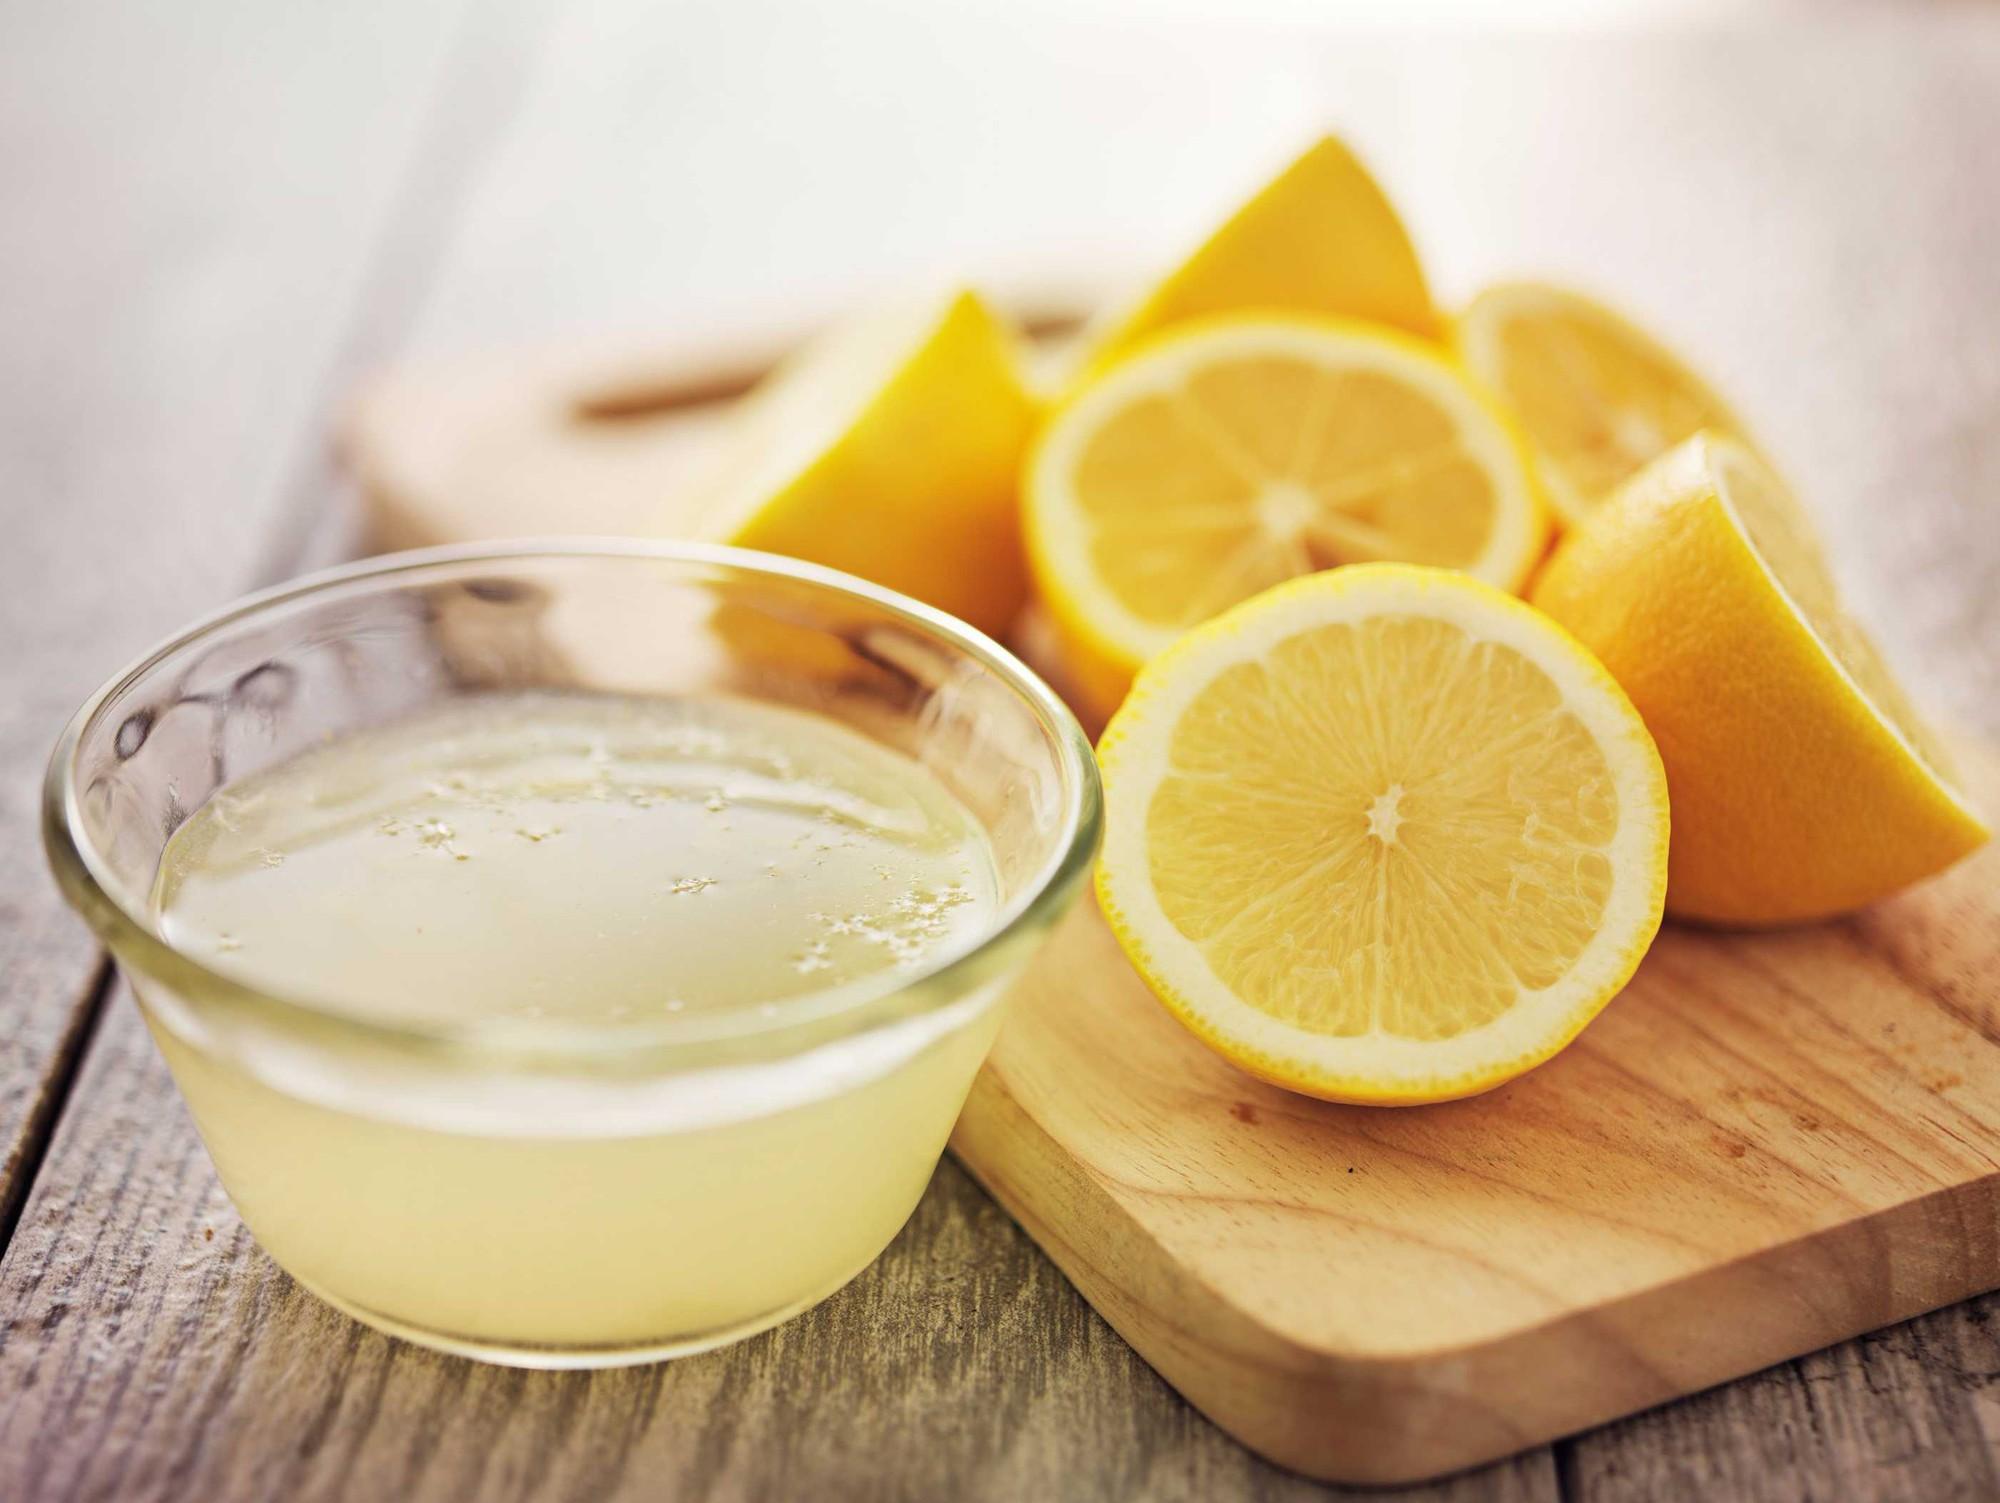 3 loại đồ uống cần tránh sử dụng trong mùa thi nếu muốn đạt kết quả cao - Ảnh 1.